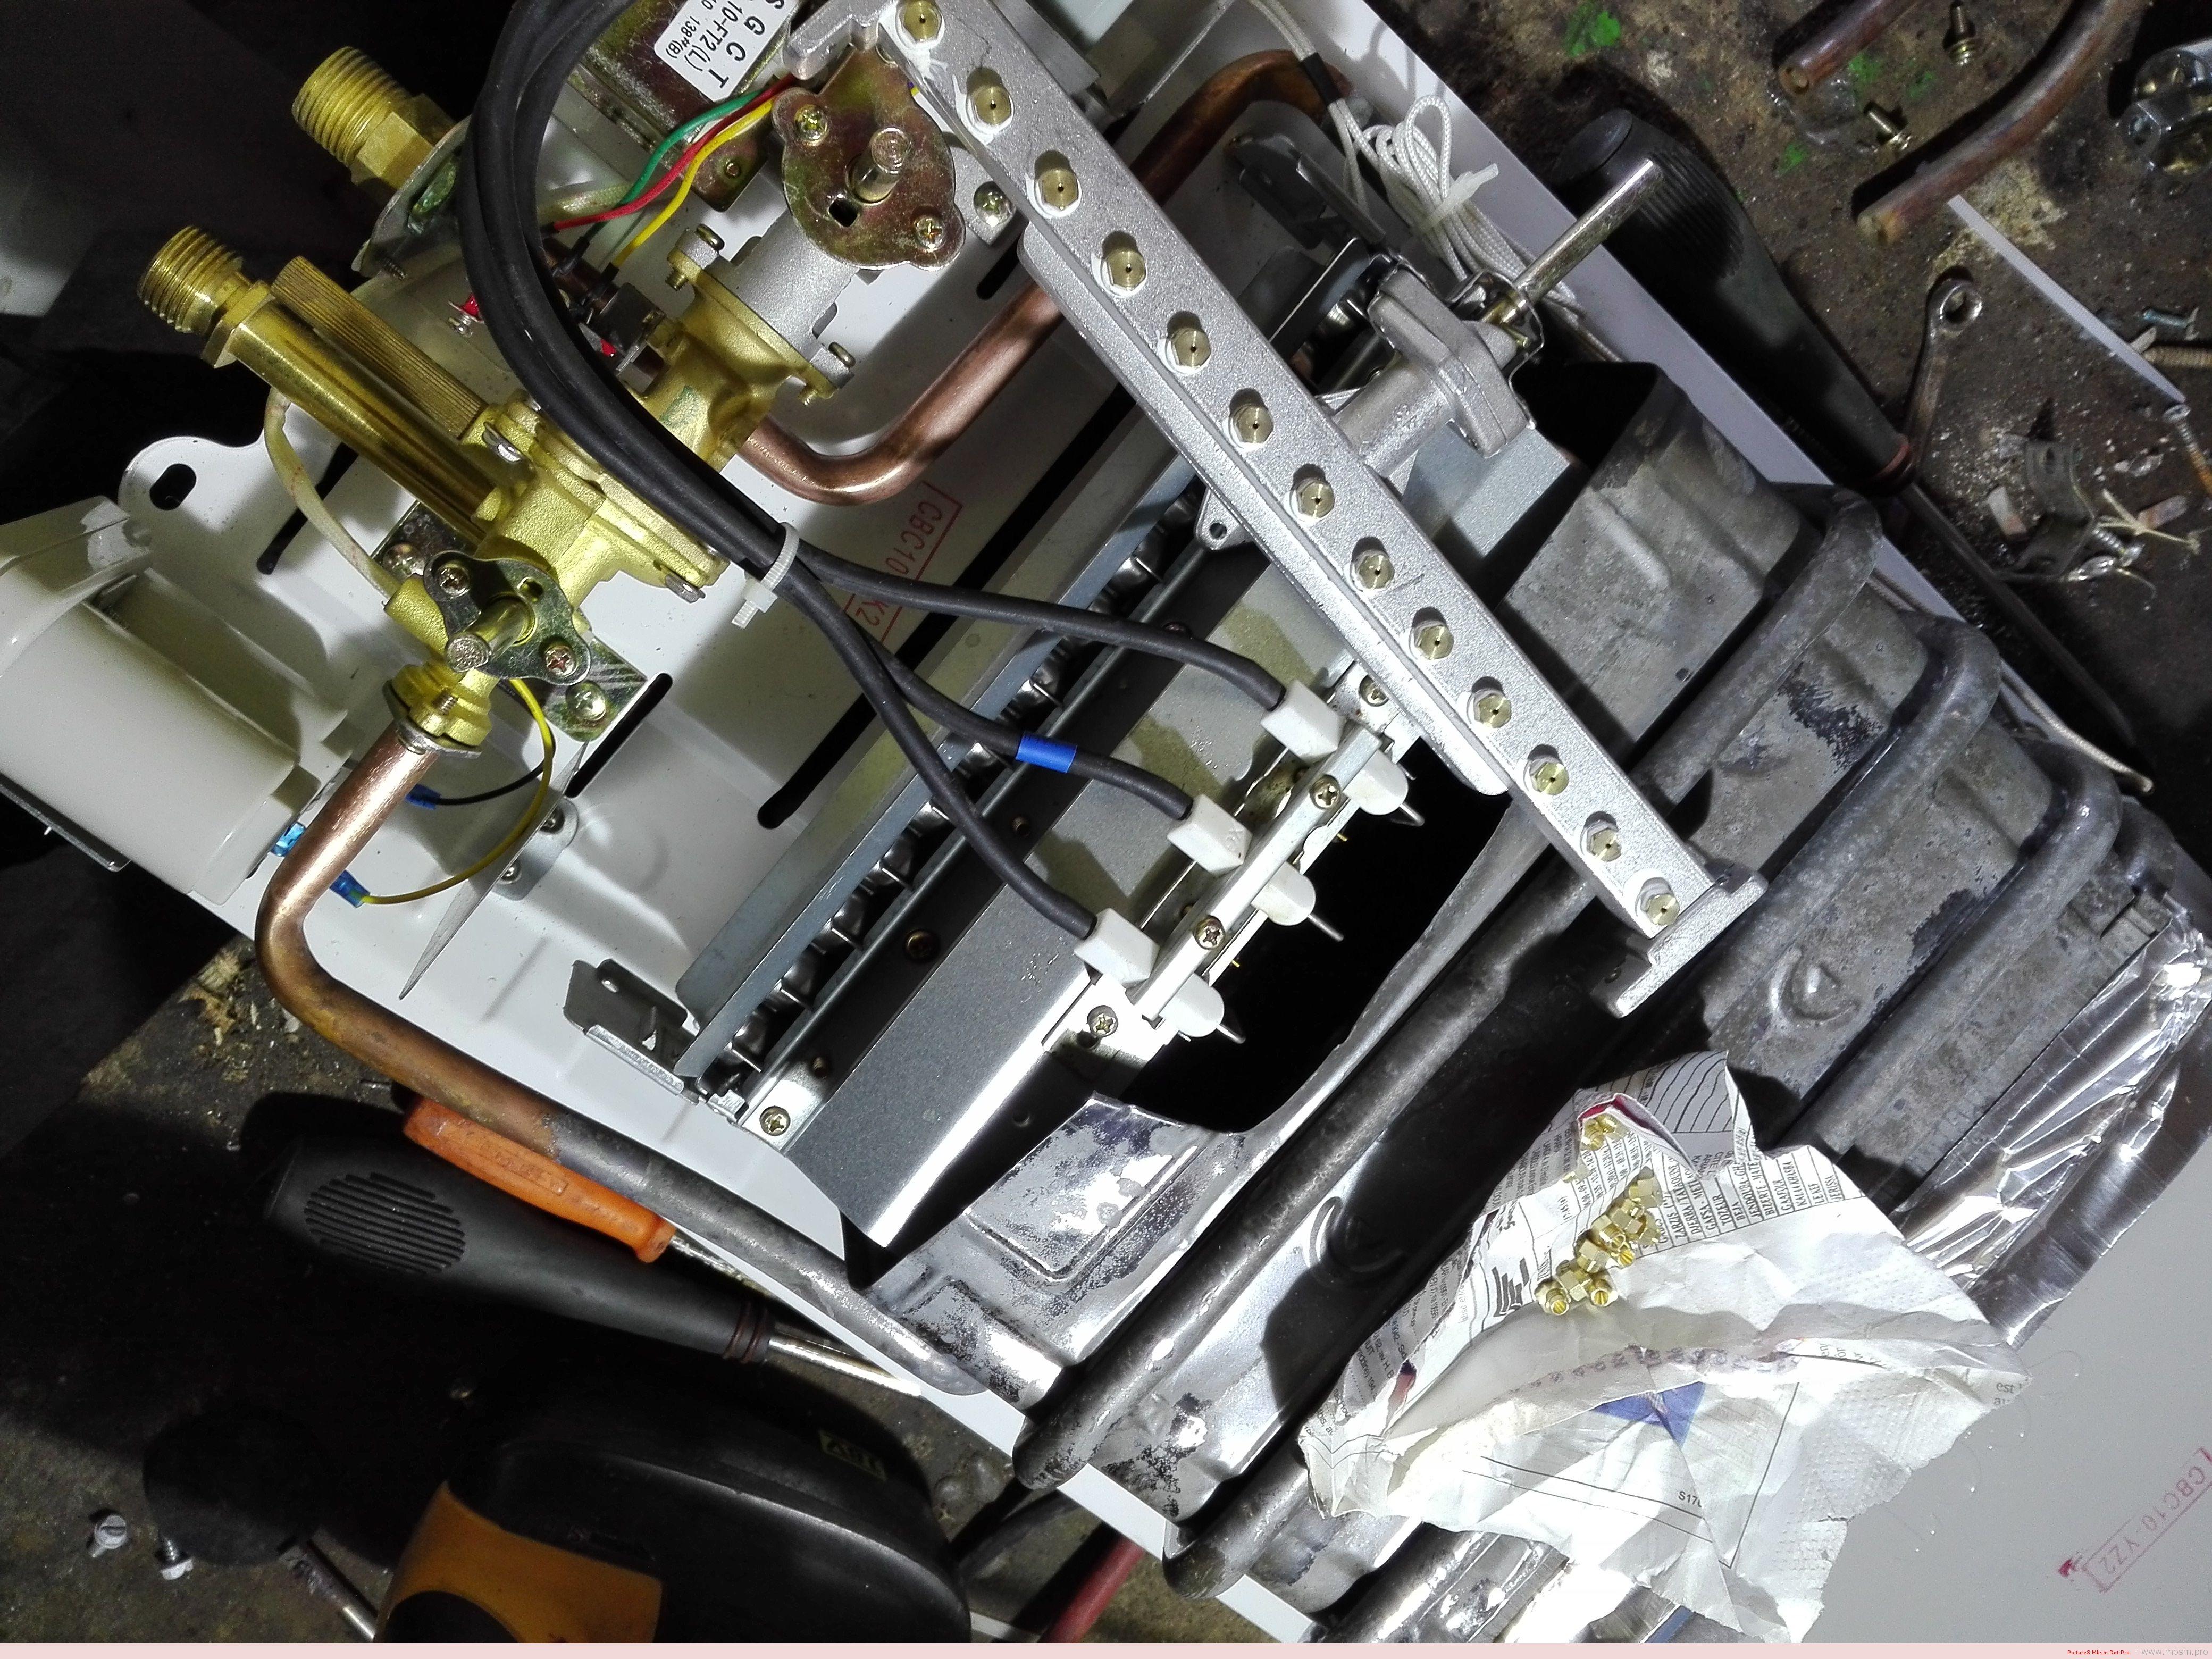 changement-injecteurs-gaz-de-ville--chauffeeau-a-piles-mbsmpro-mbsm-dot-pro